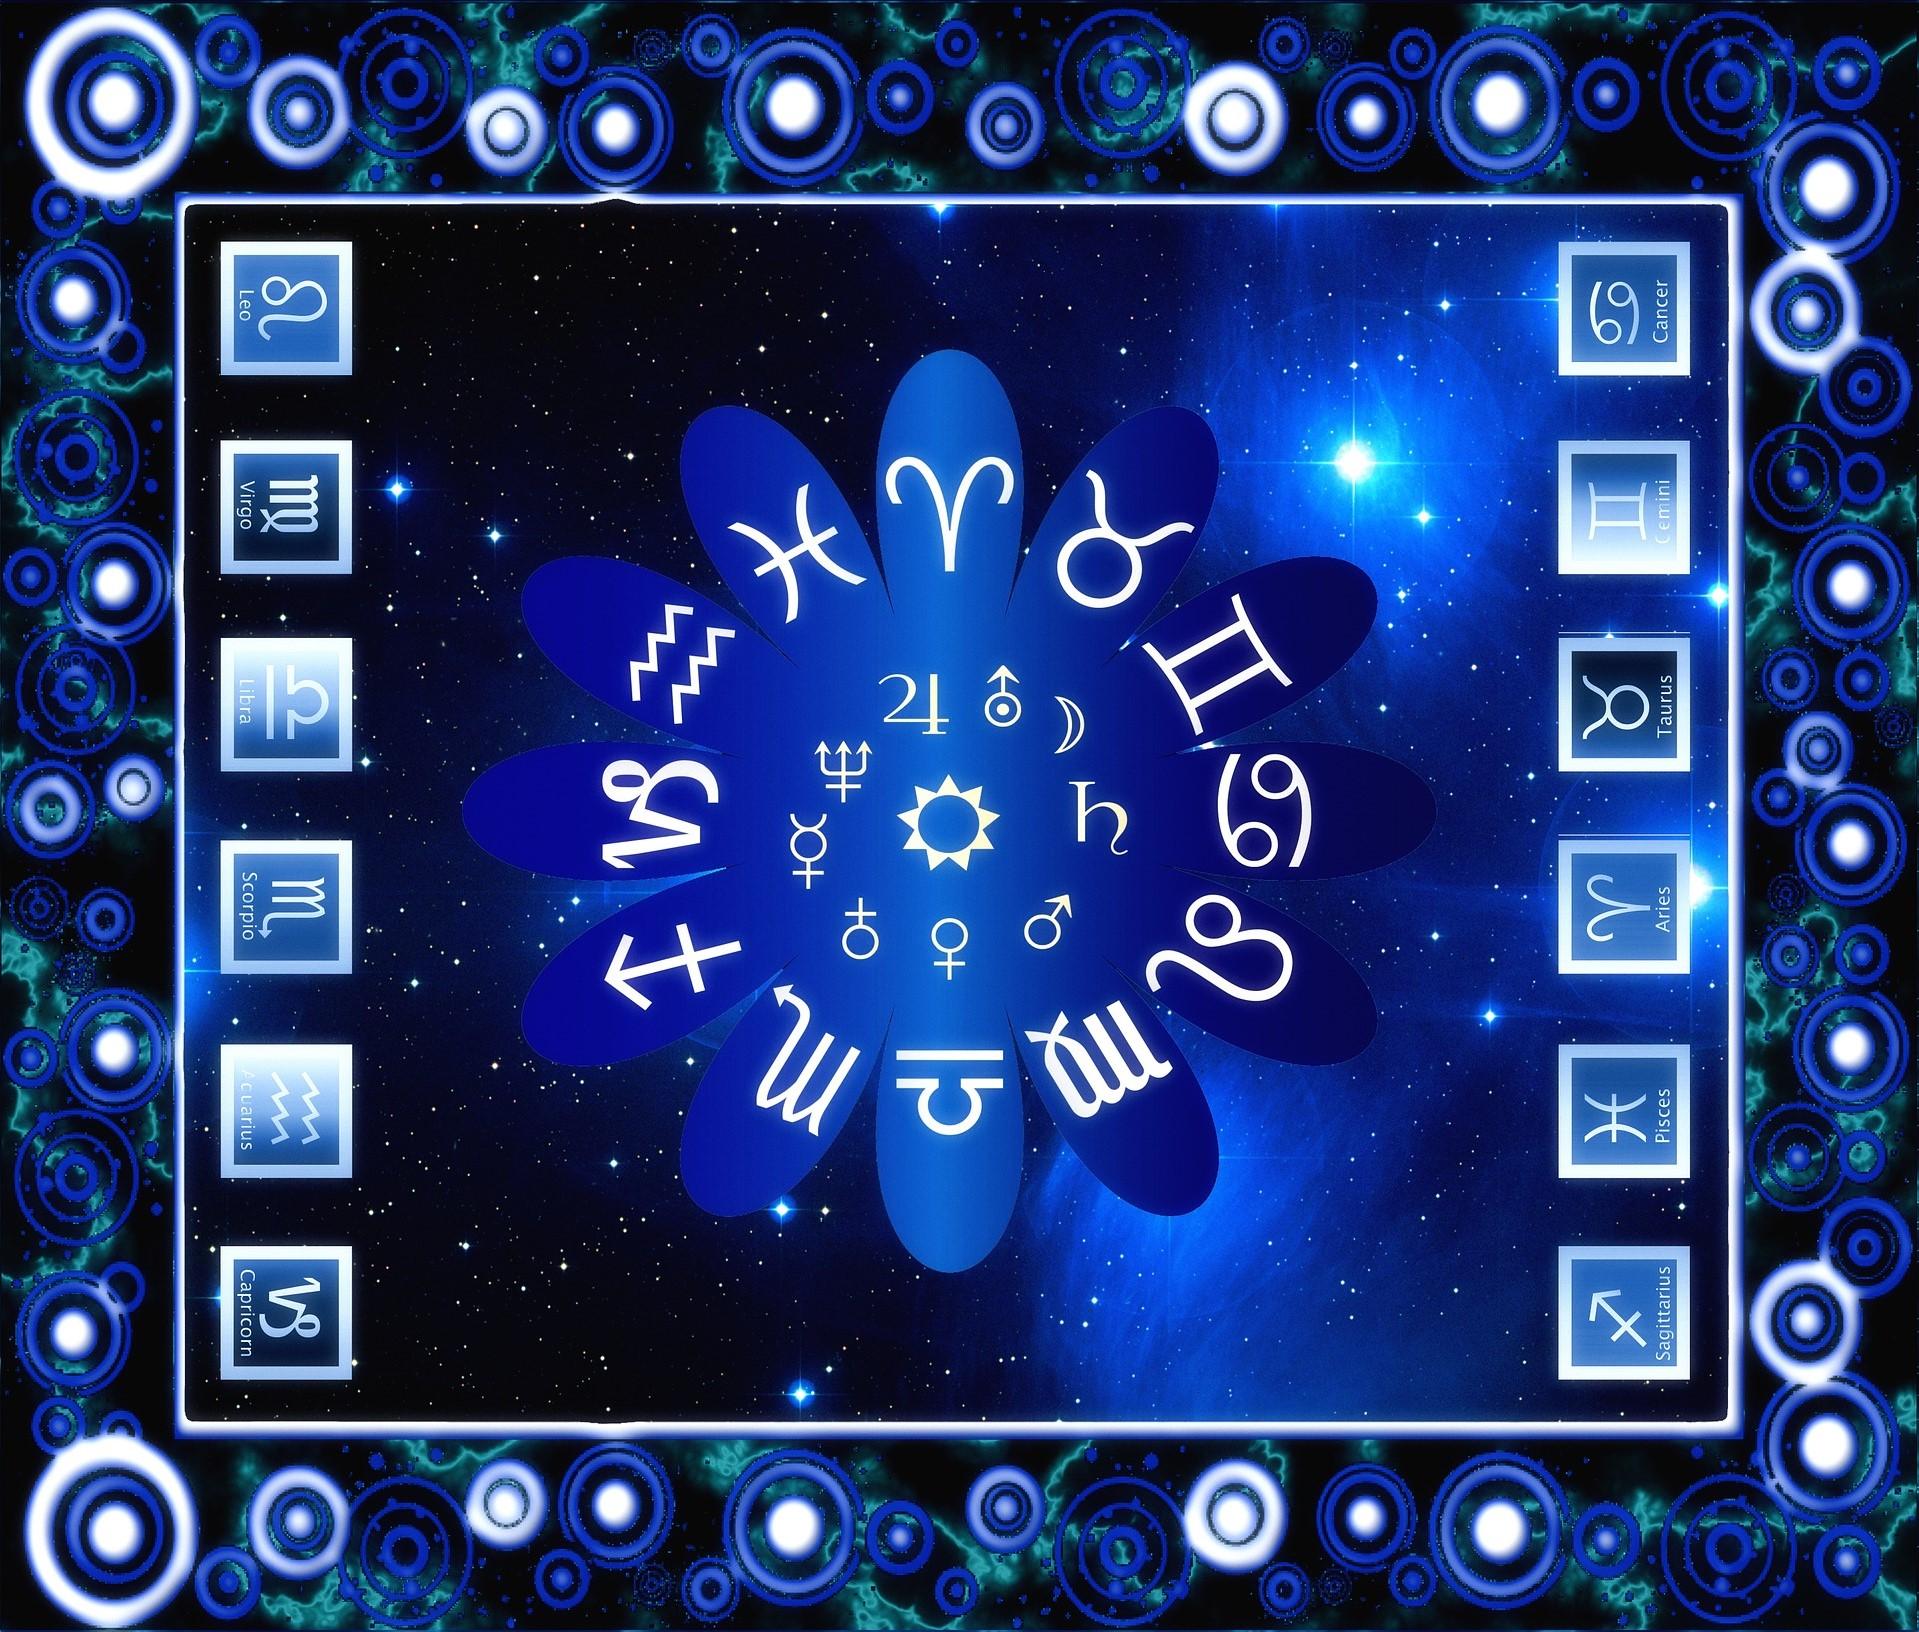 吉田ルナの占星術ブログ 占星術ミニレッスン ②10惑星について